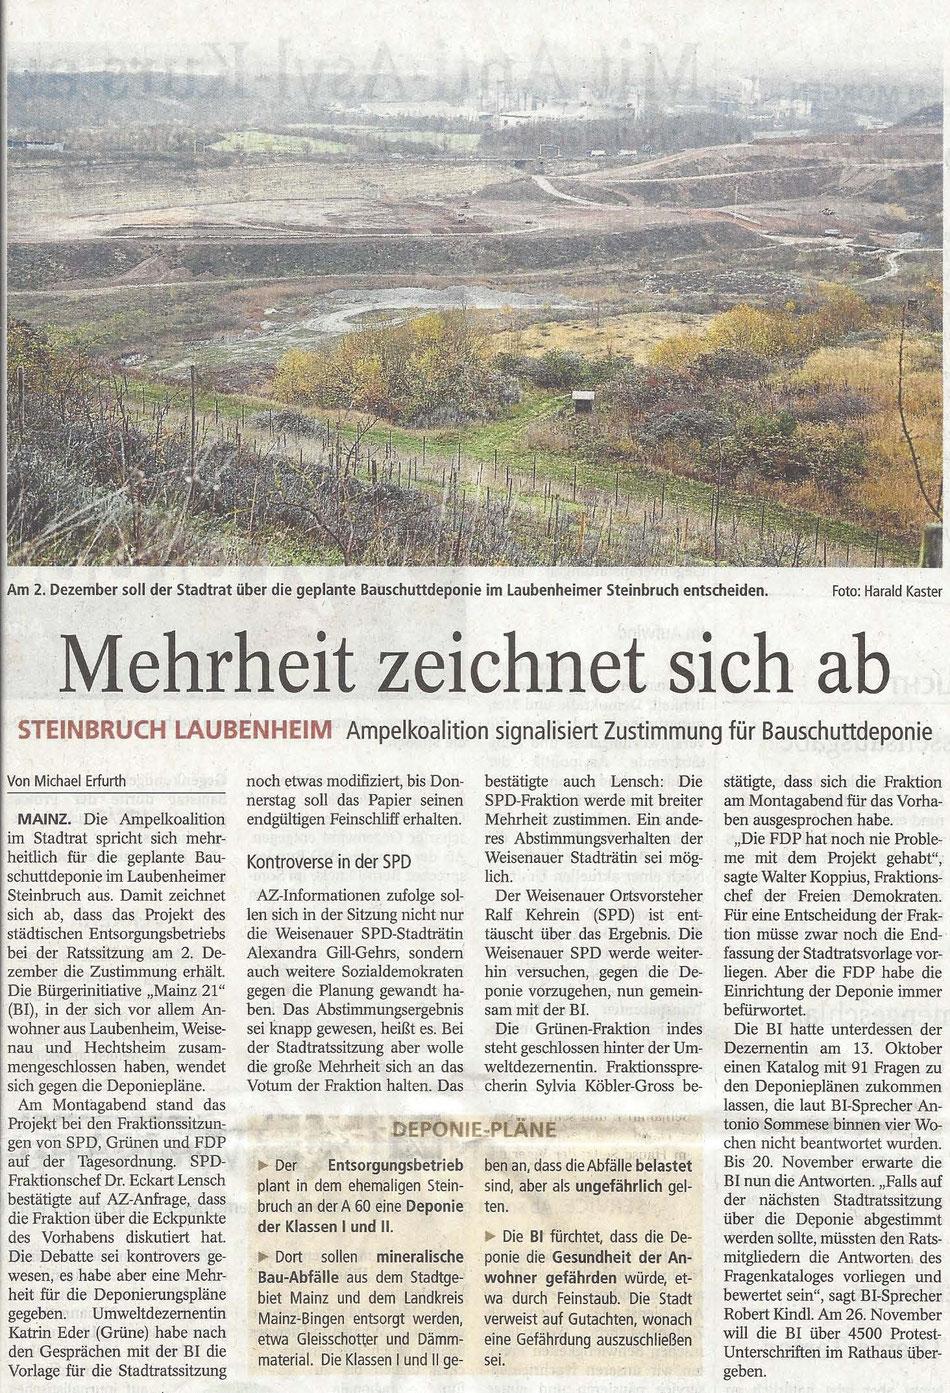 Am 2. Dezember soll der Stadtrat über die geplante Bauschuttdeponie im Laubenheimer Steinbruch entscheiden. Foto: Harald Kaster